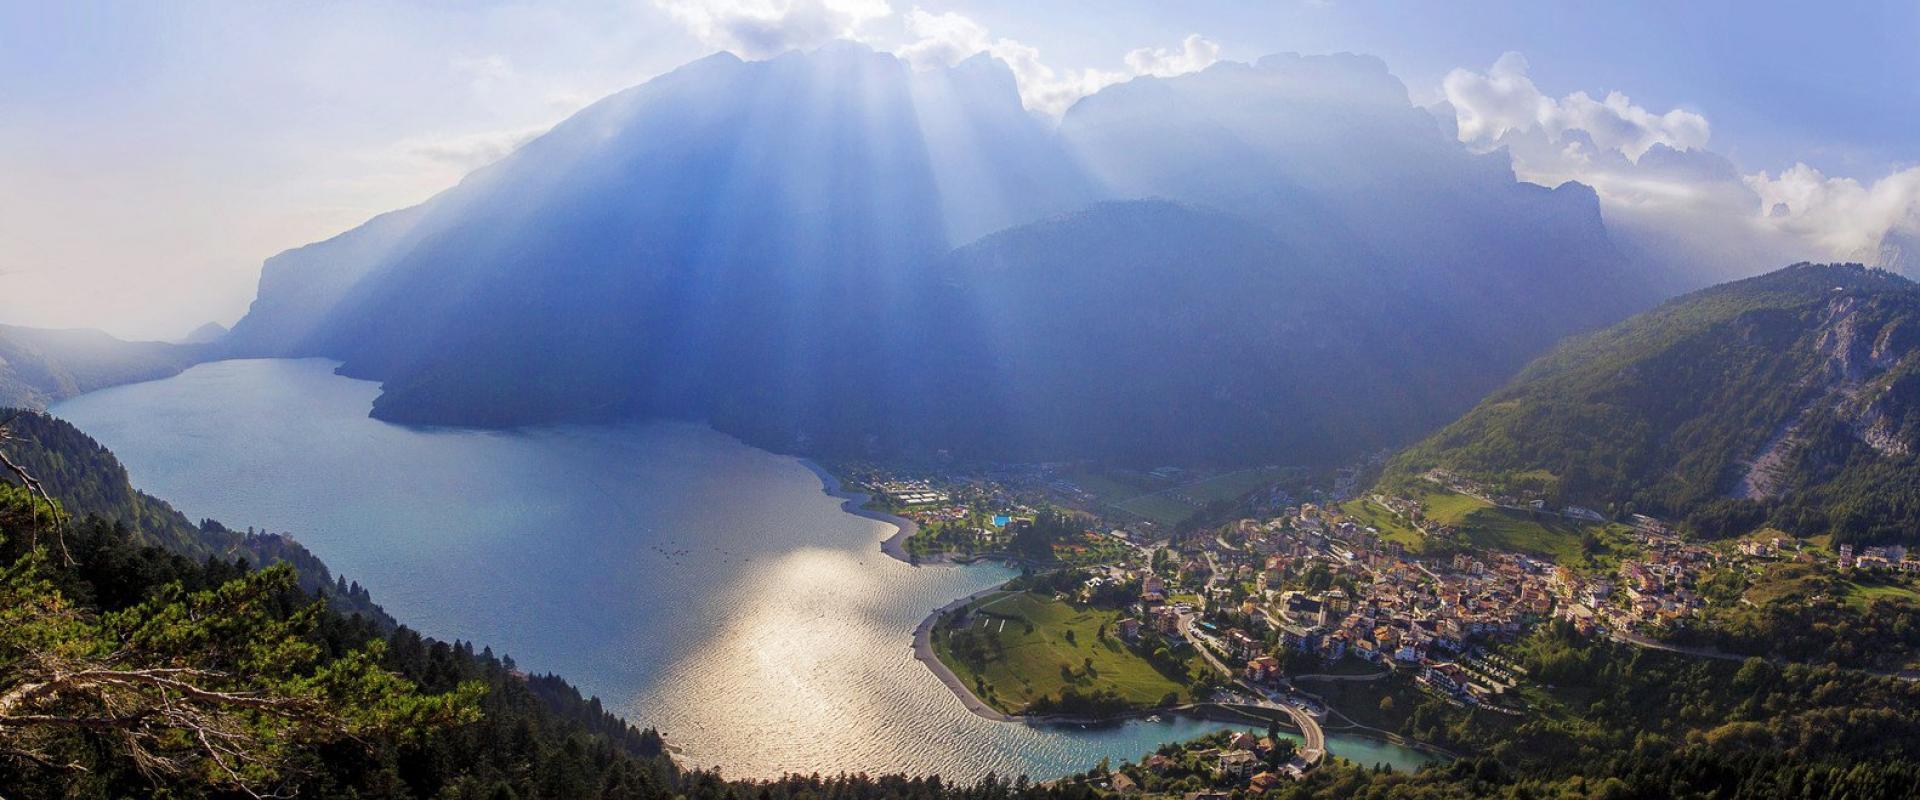 Tour around Lake Molveno